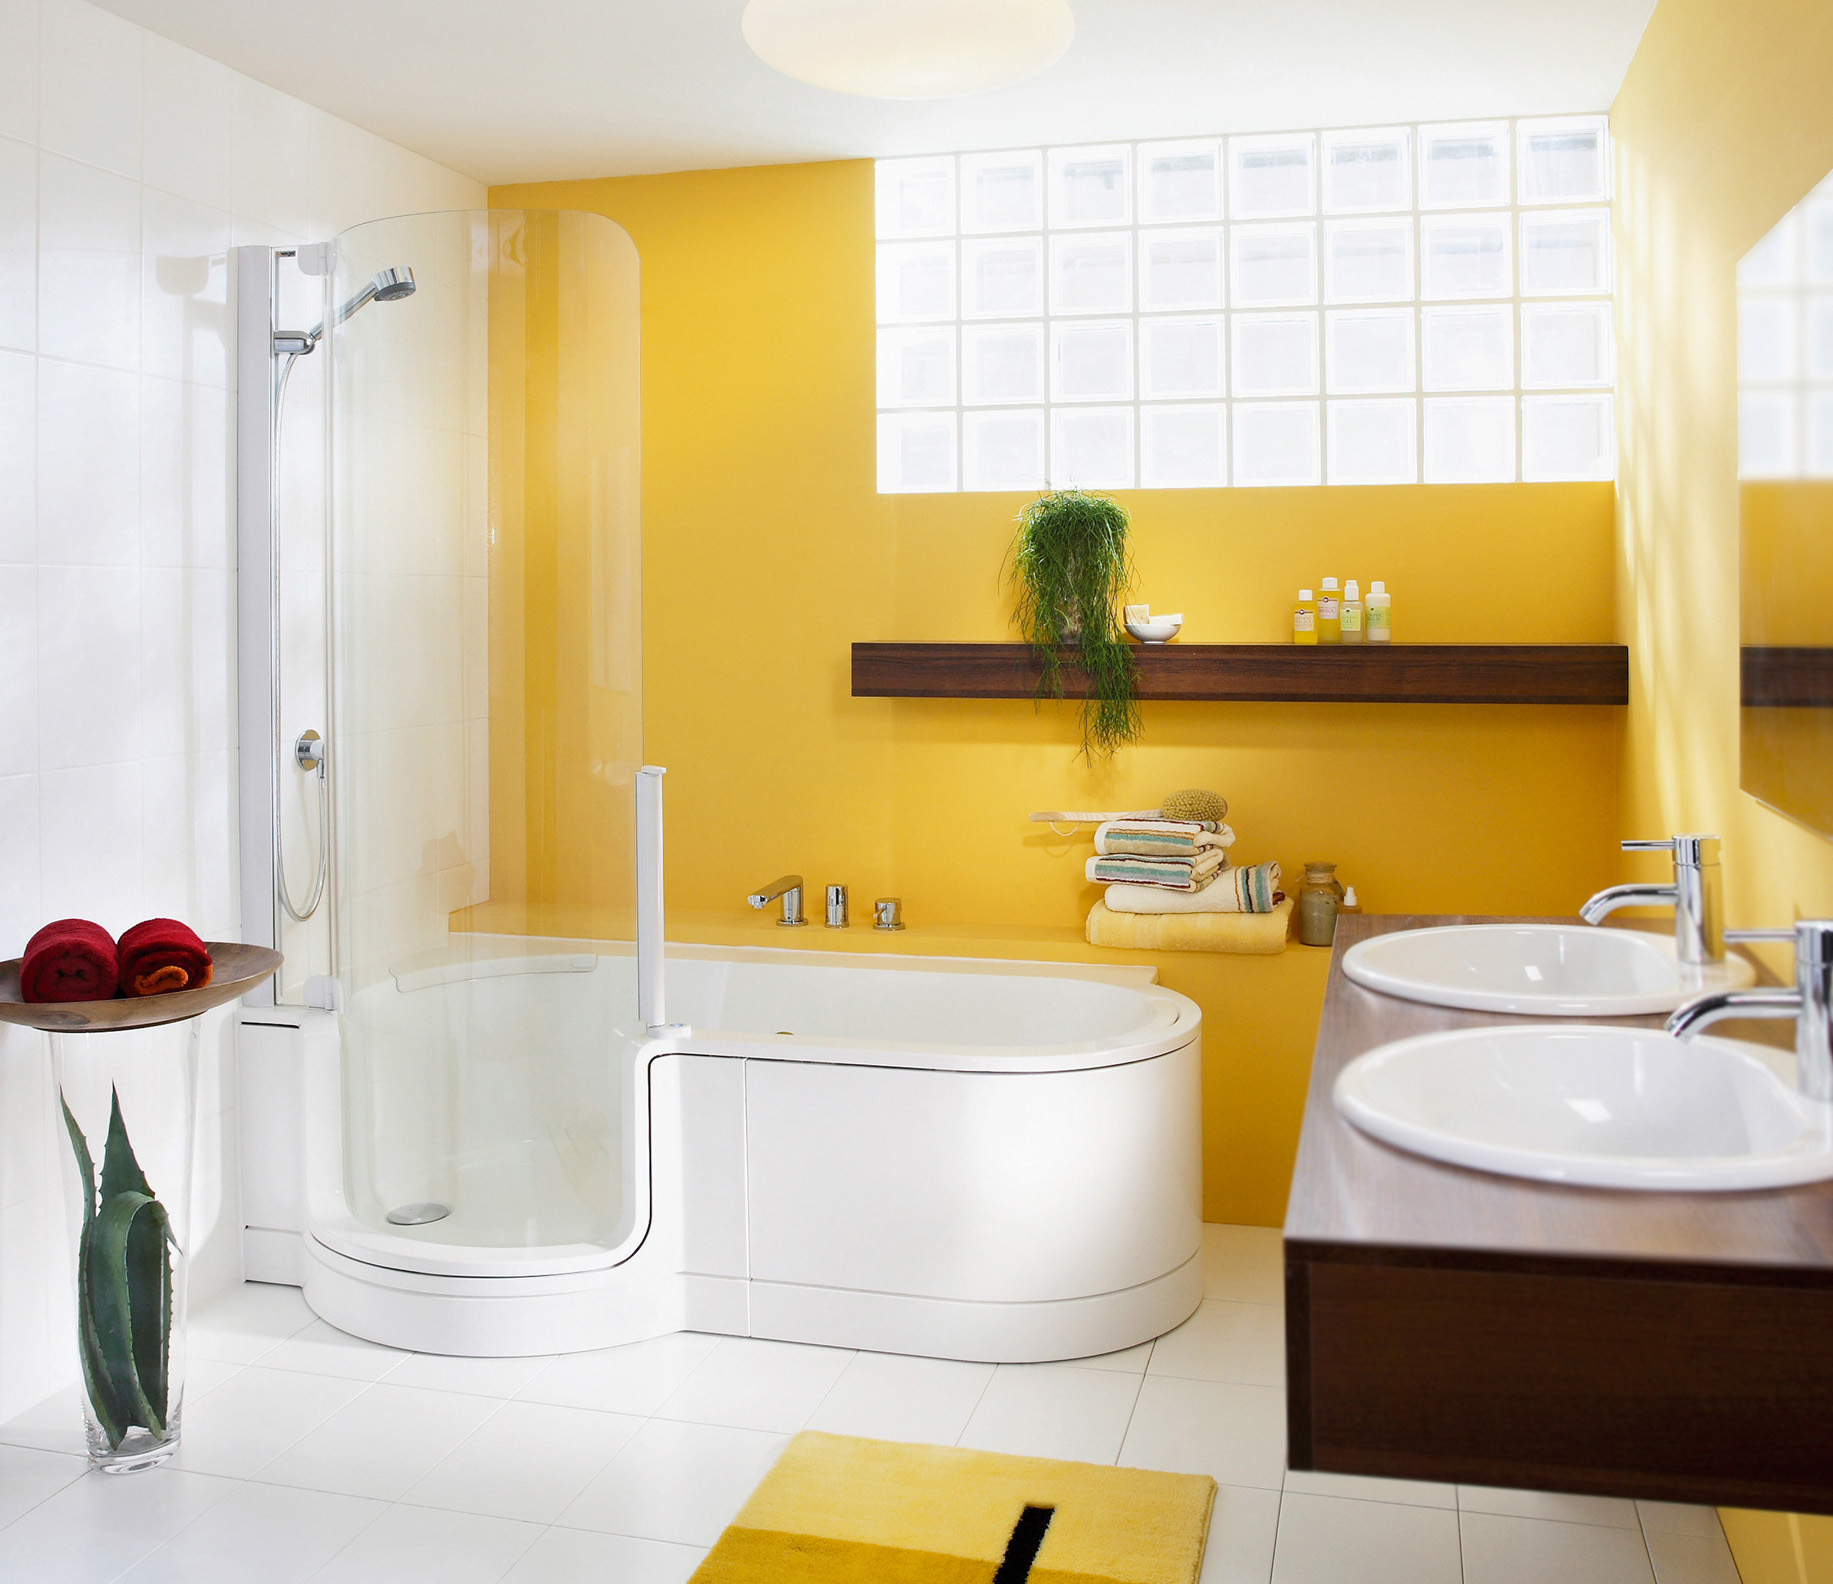 Ώρα για μπάνιο… Μπανιέρα ή Ντουζιέρα;;;